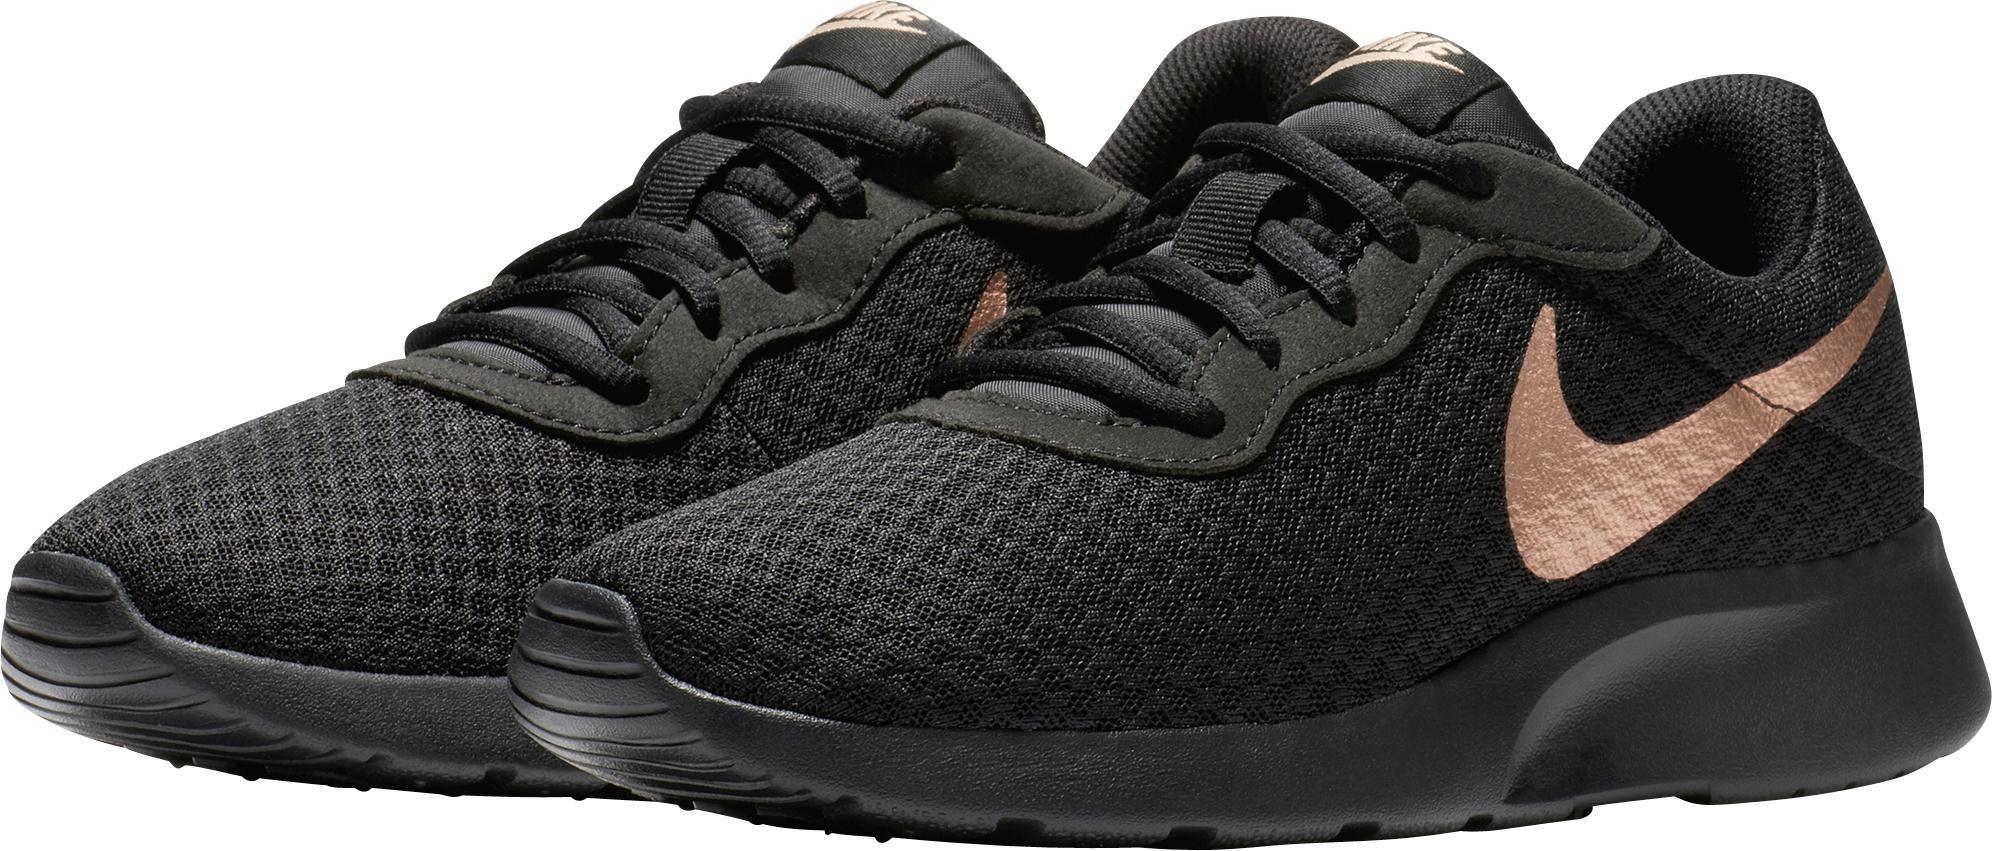 Nike Sportswear »Tanjun Wmns« Sneaker, Stylischer Sneaker von Nike Sportswear online kaufen | OTTO